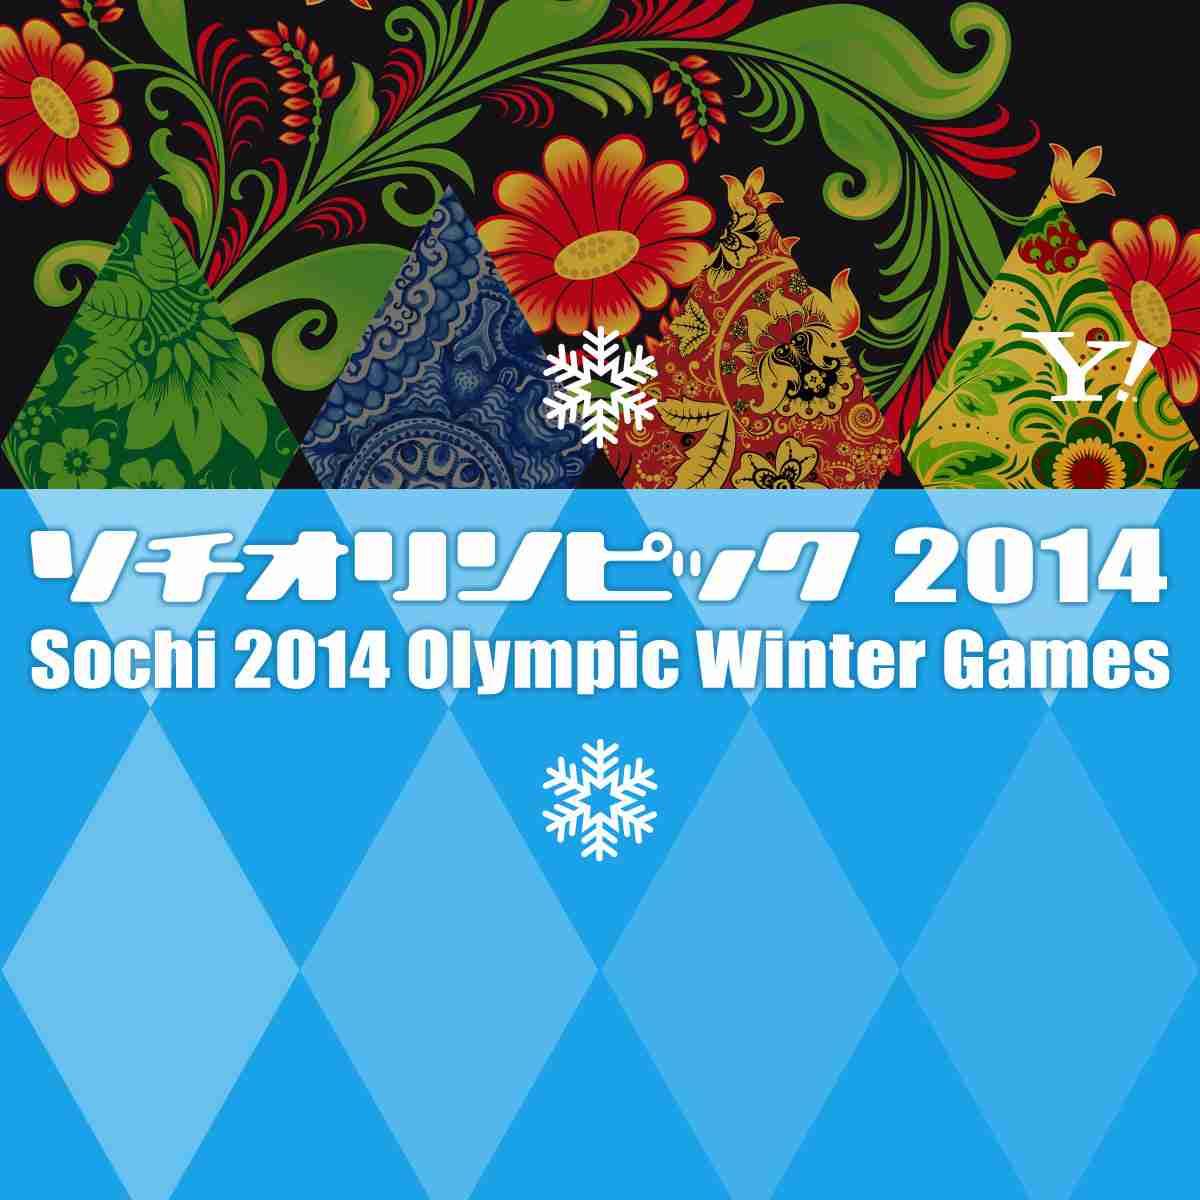 ソチオリンピック Yahoo! JAPAN - <五輪ジャンプ>41歳葛西が銀メダル 男子ラージヒル(毎日新聞)